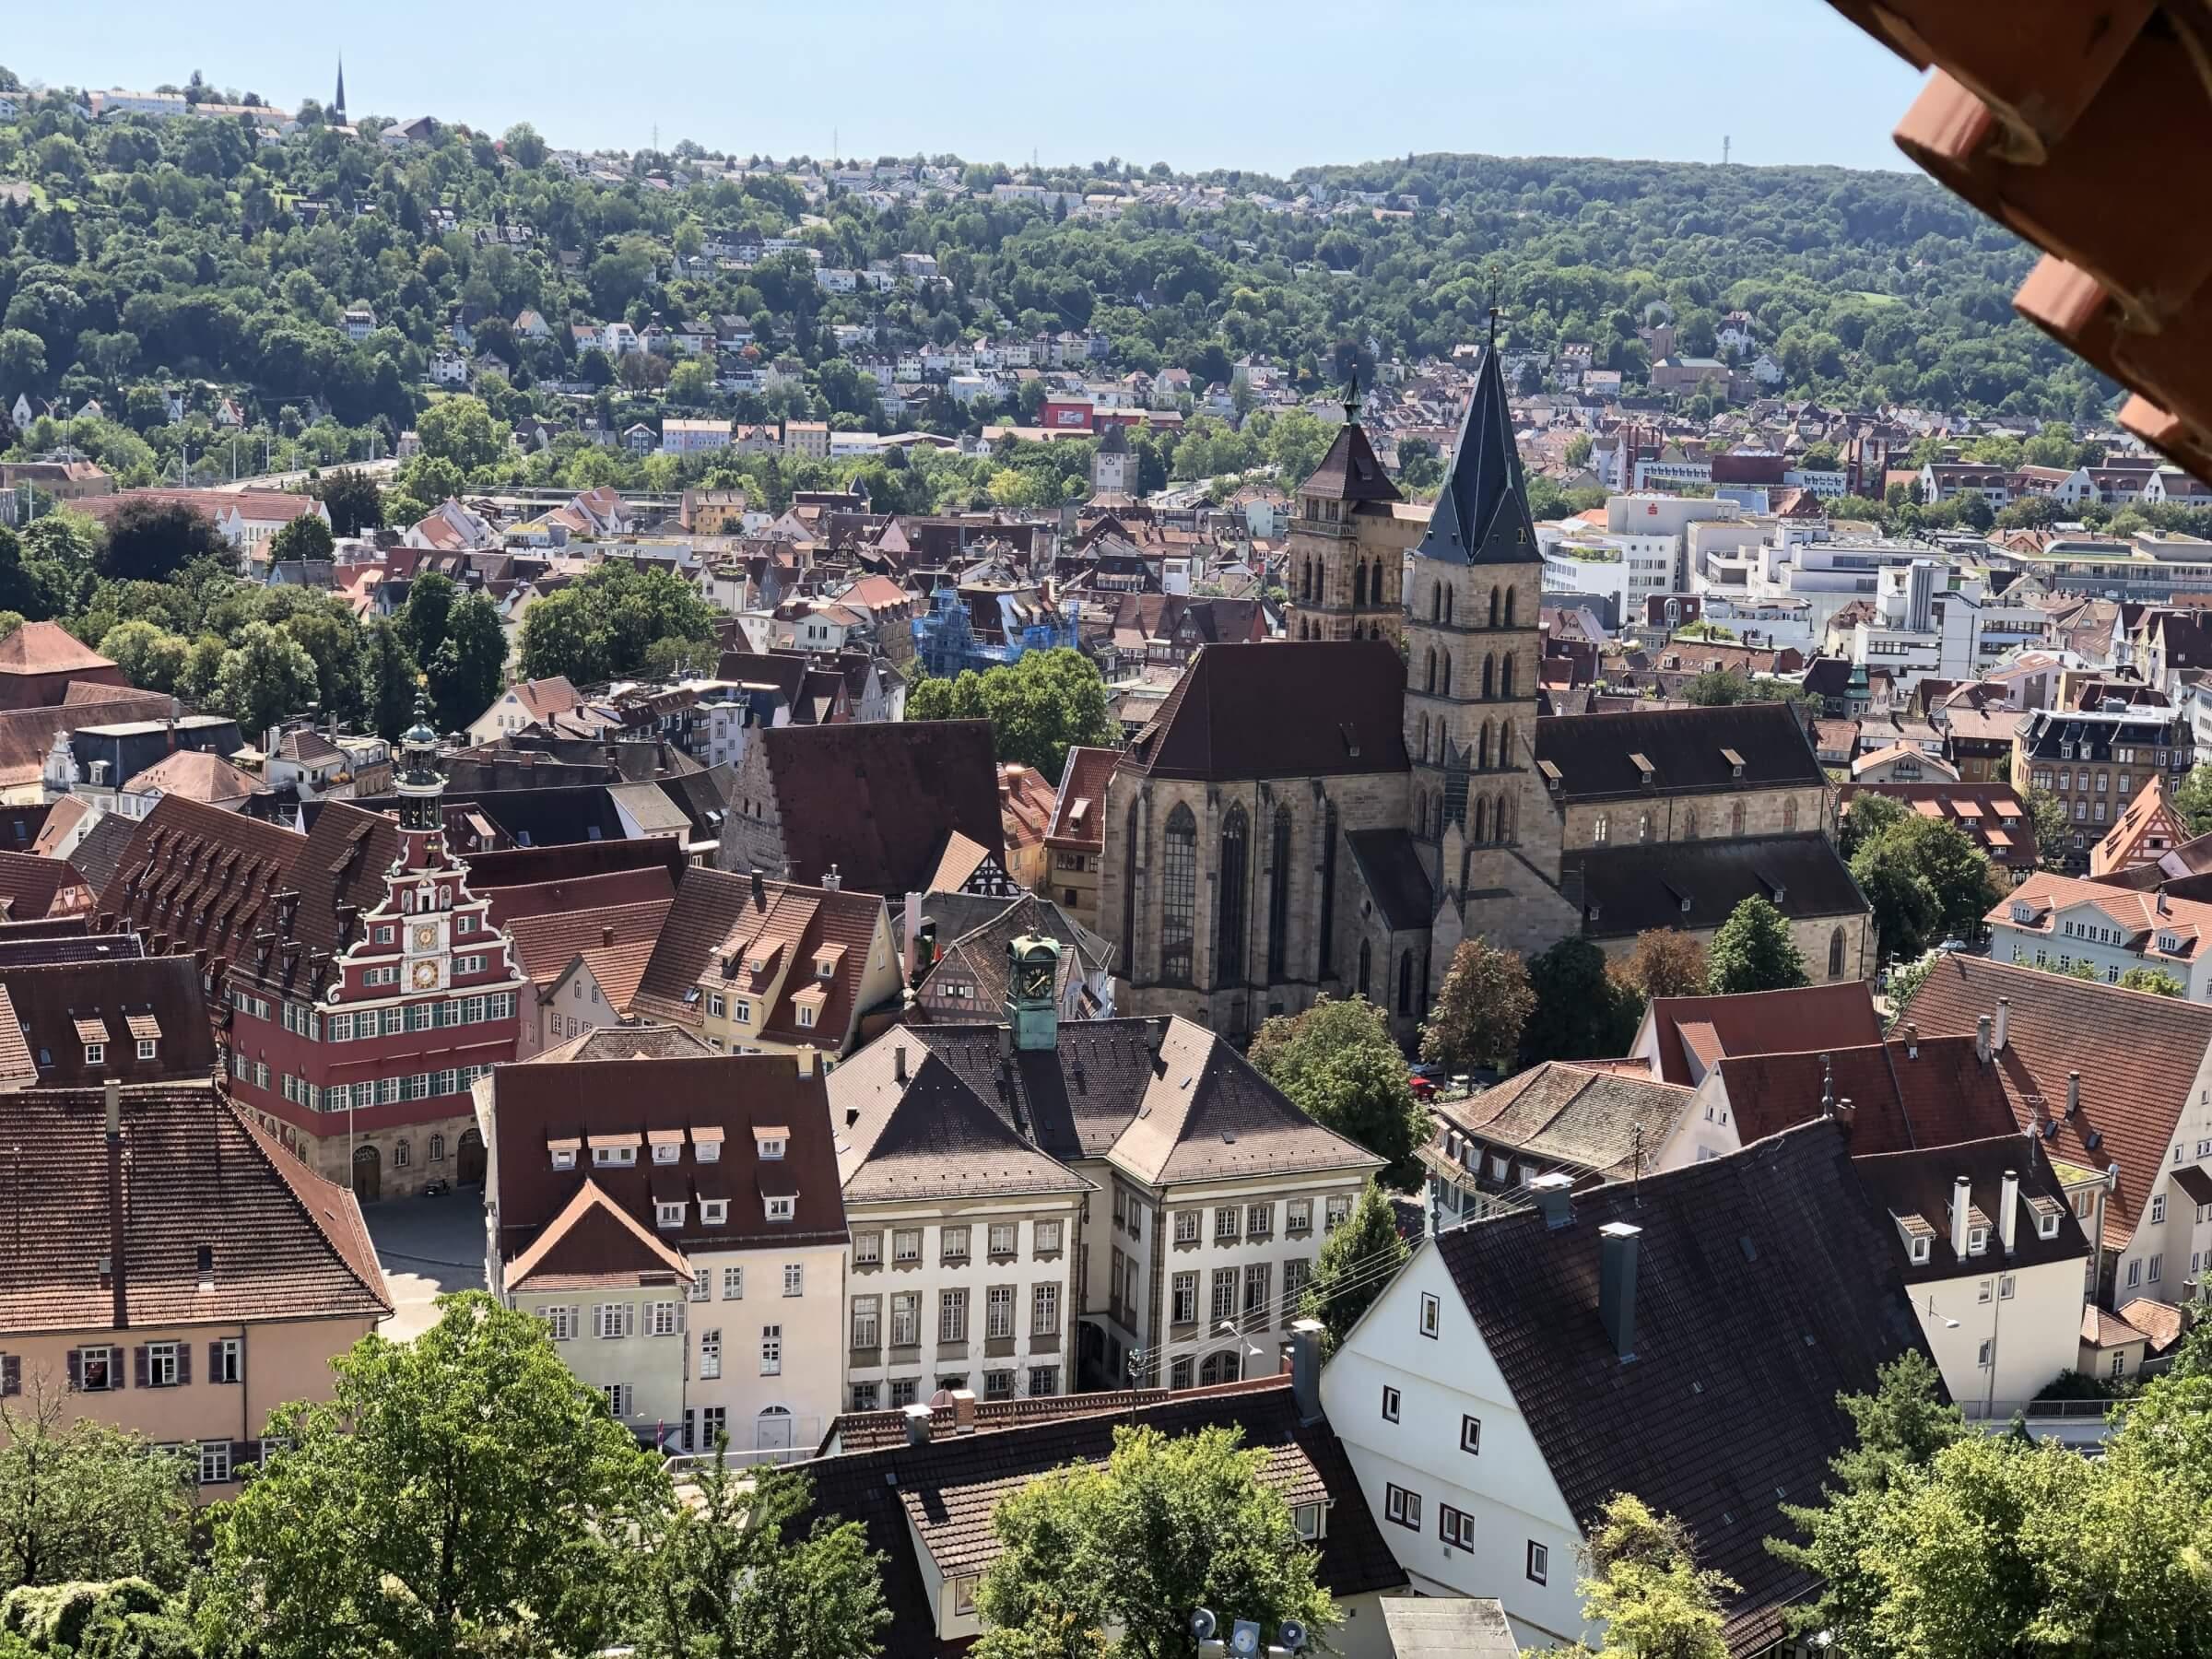 Badewelt Sinsheim Therme Sinsheim